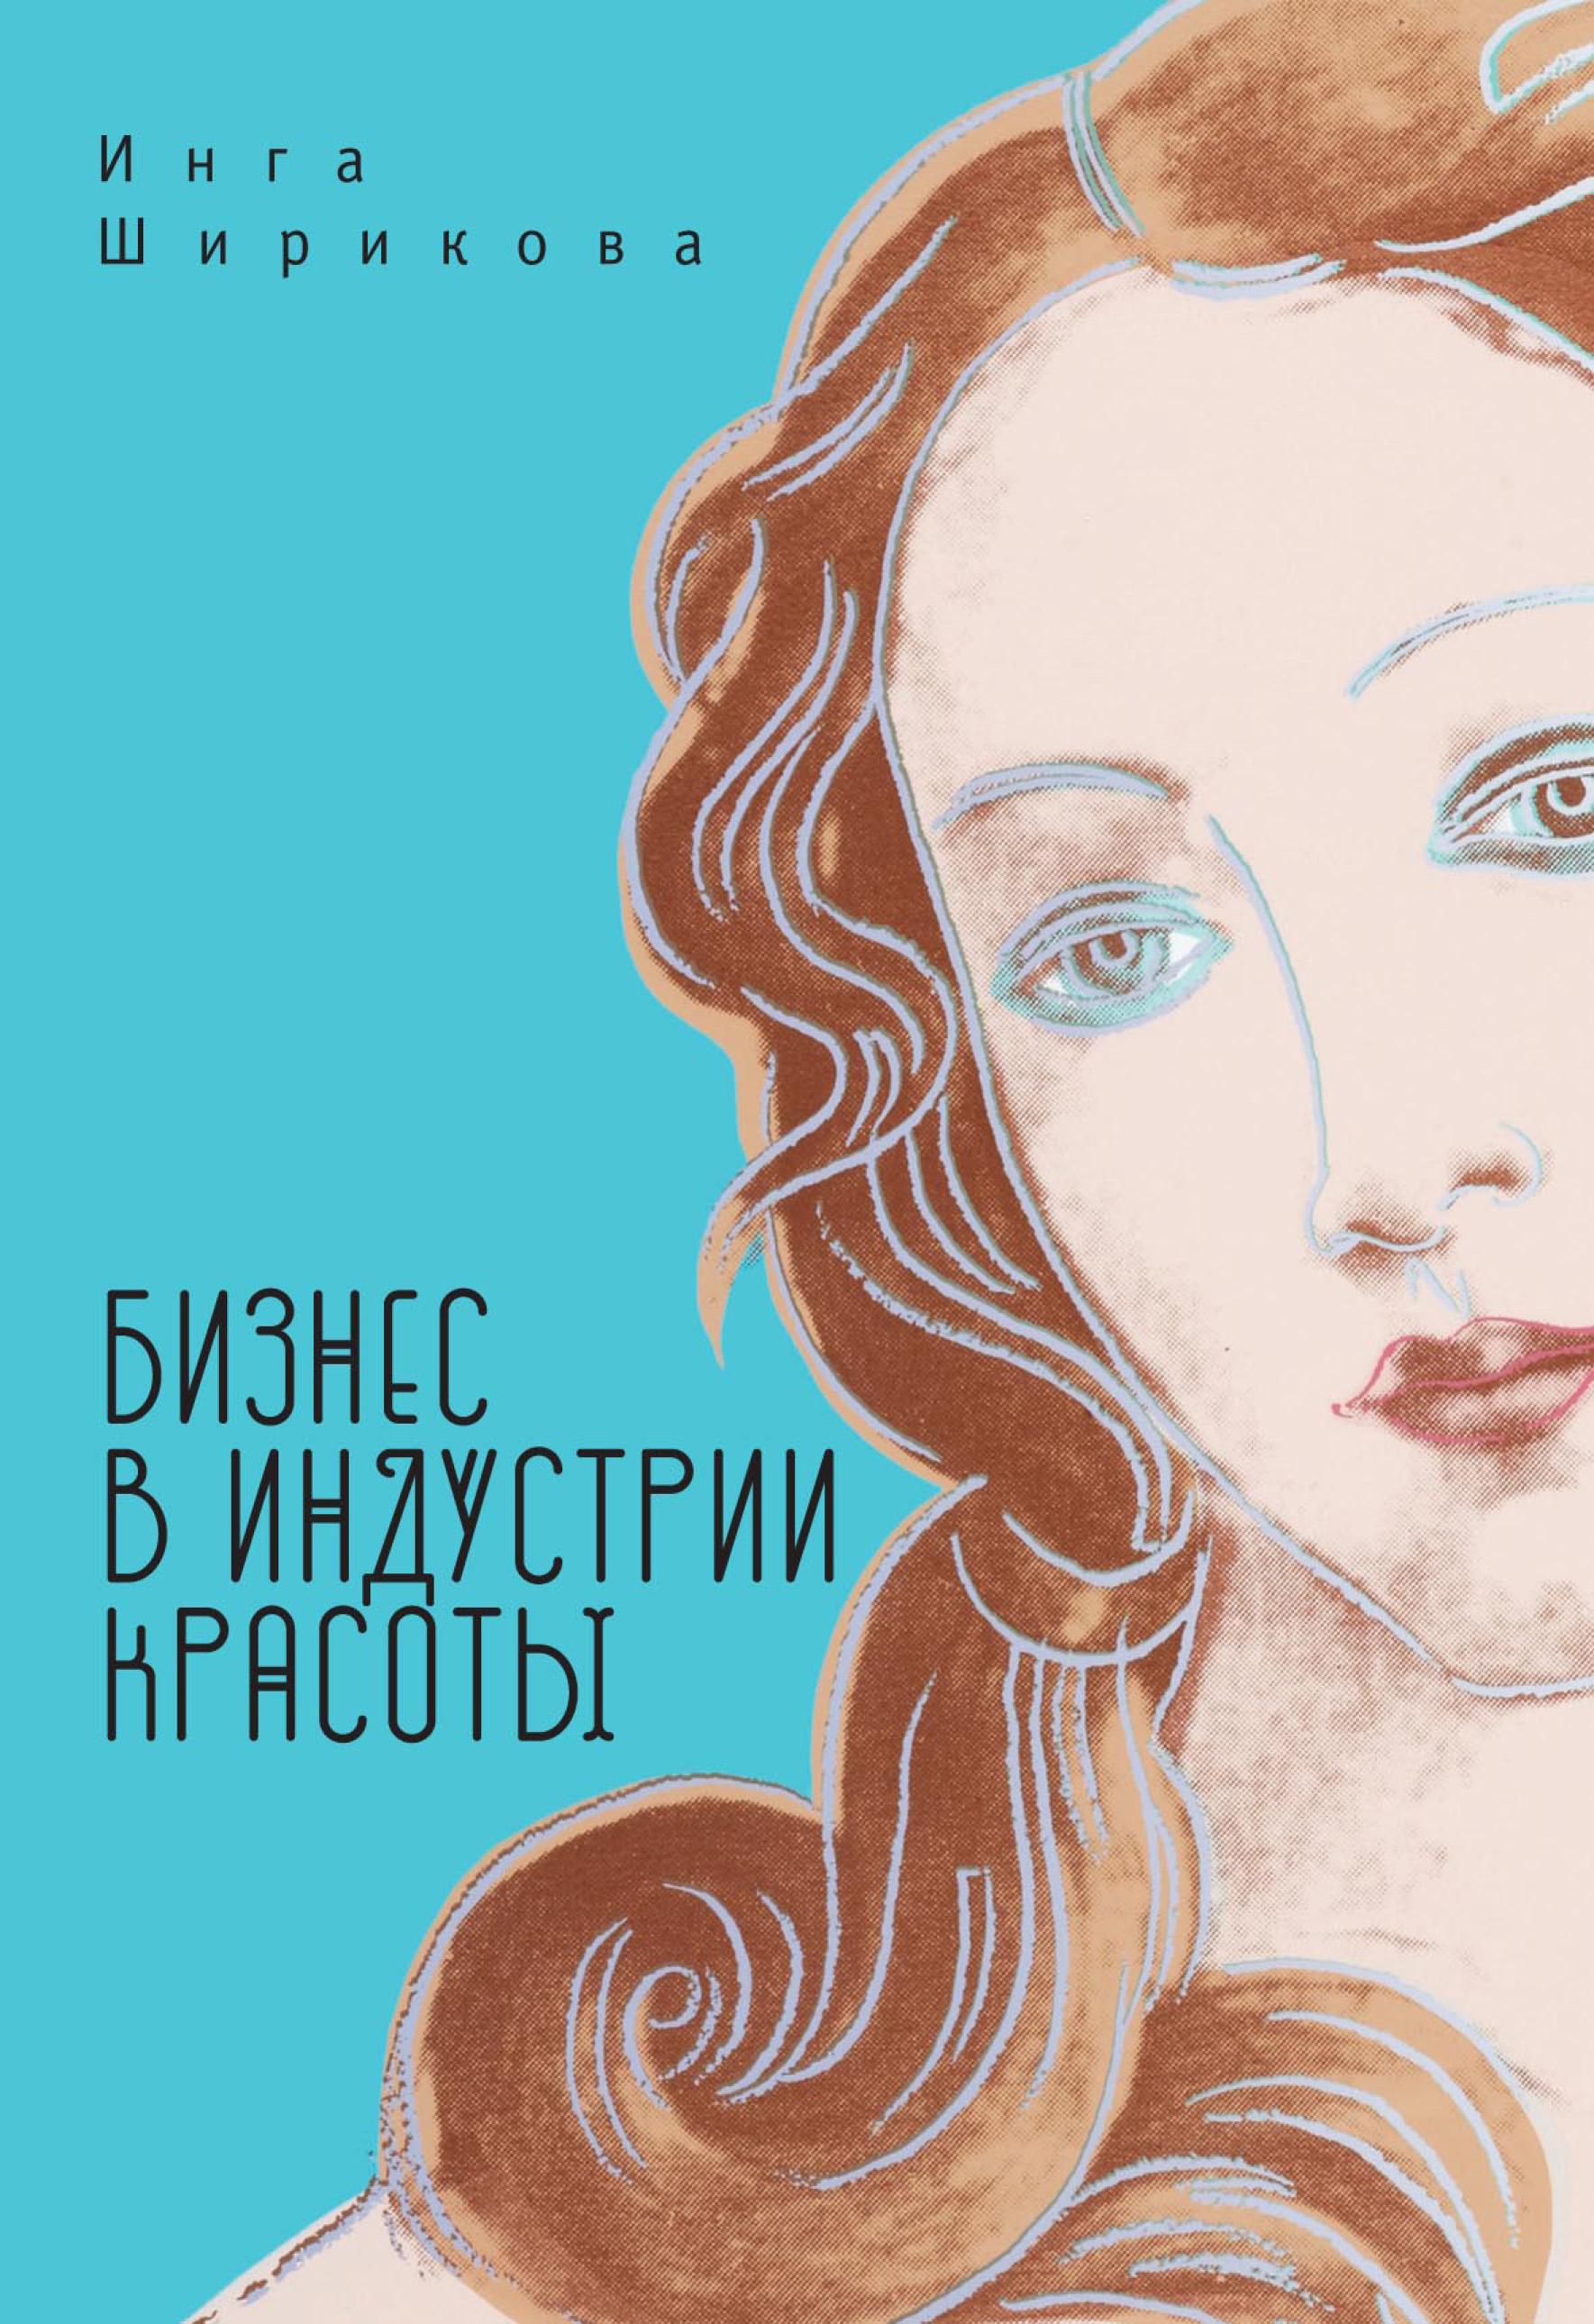 Инга Ширикова Бизнес в индустрии красоты ширикова и бизнес в индустрии красоты пособие для блондинок чайников и не только